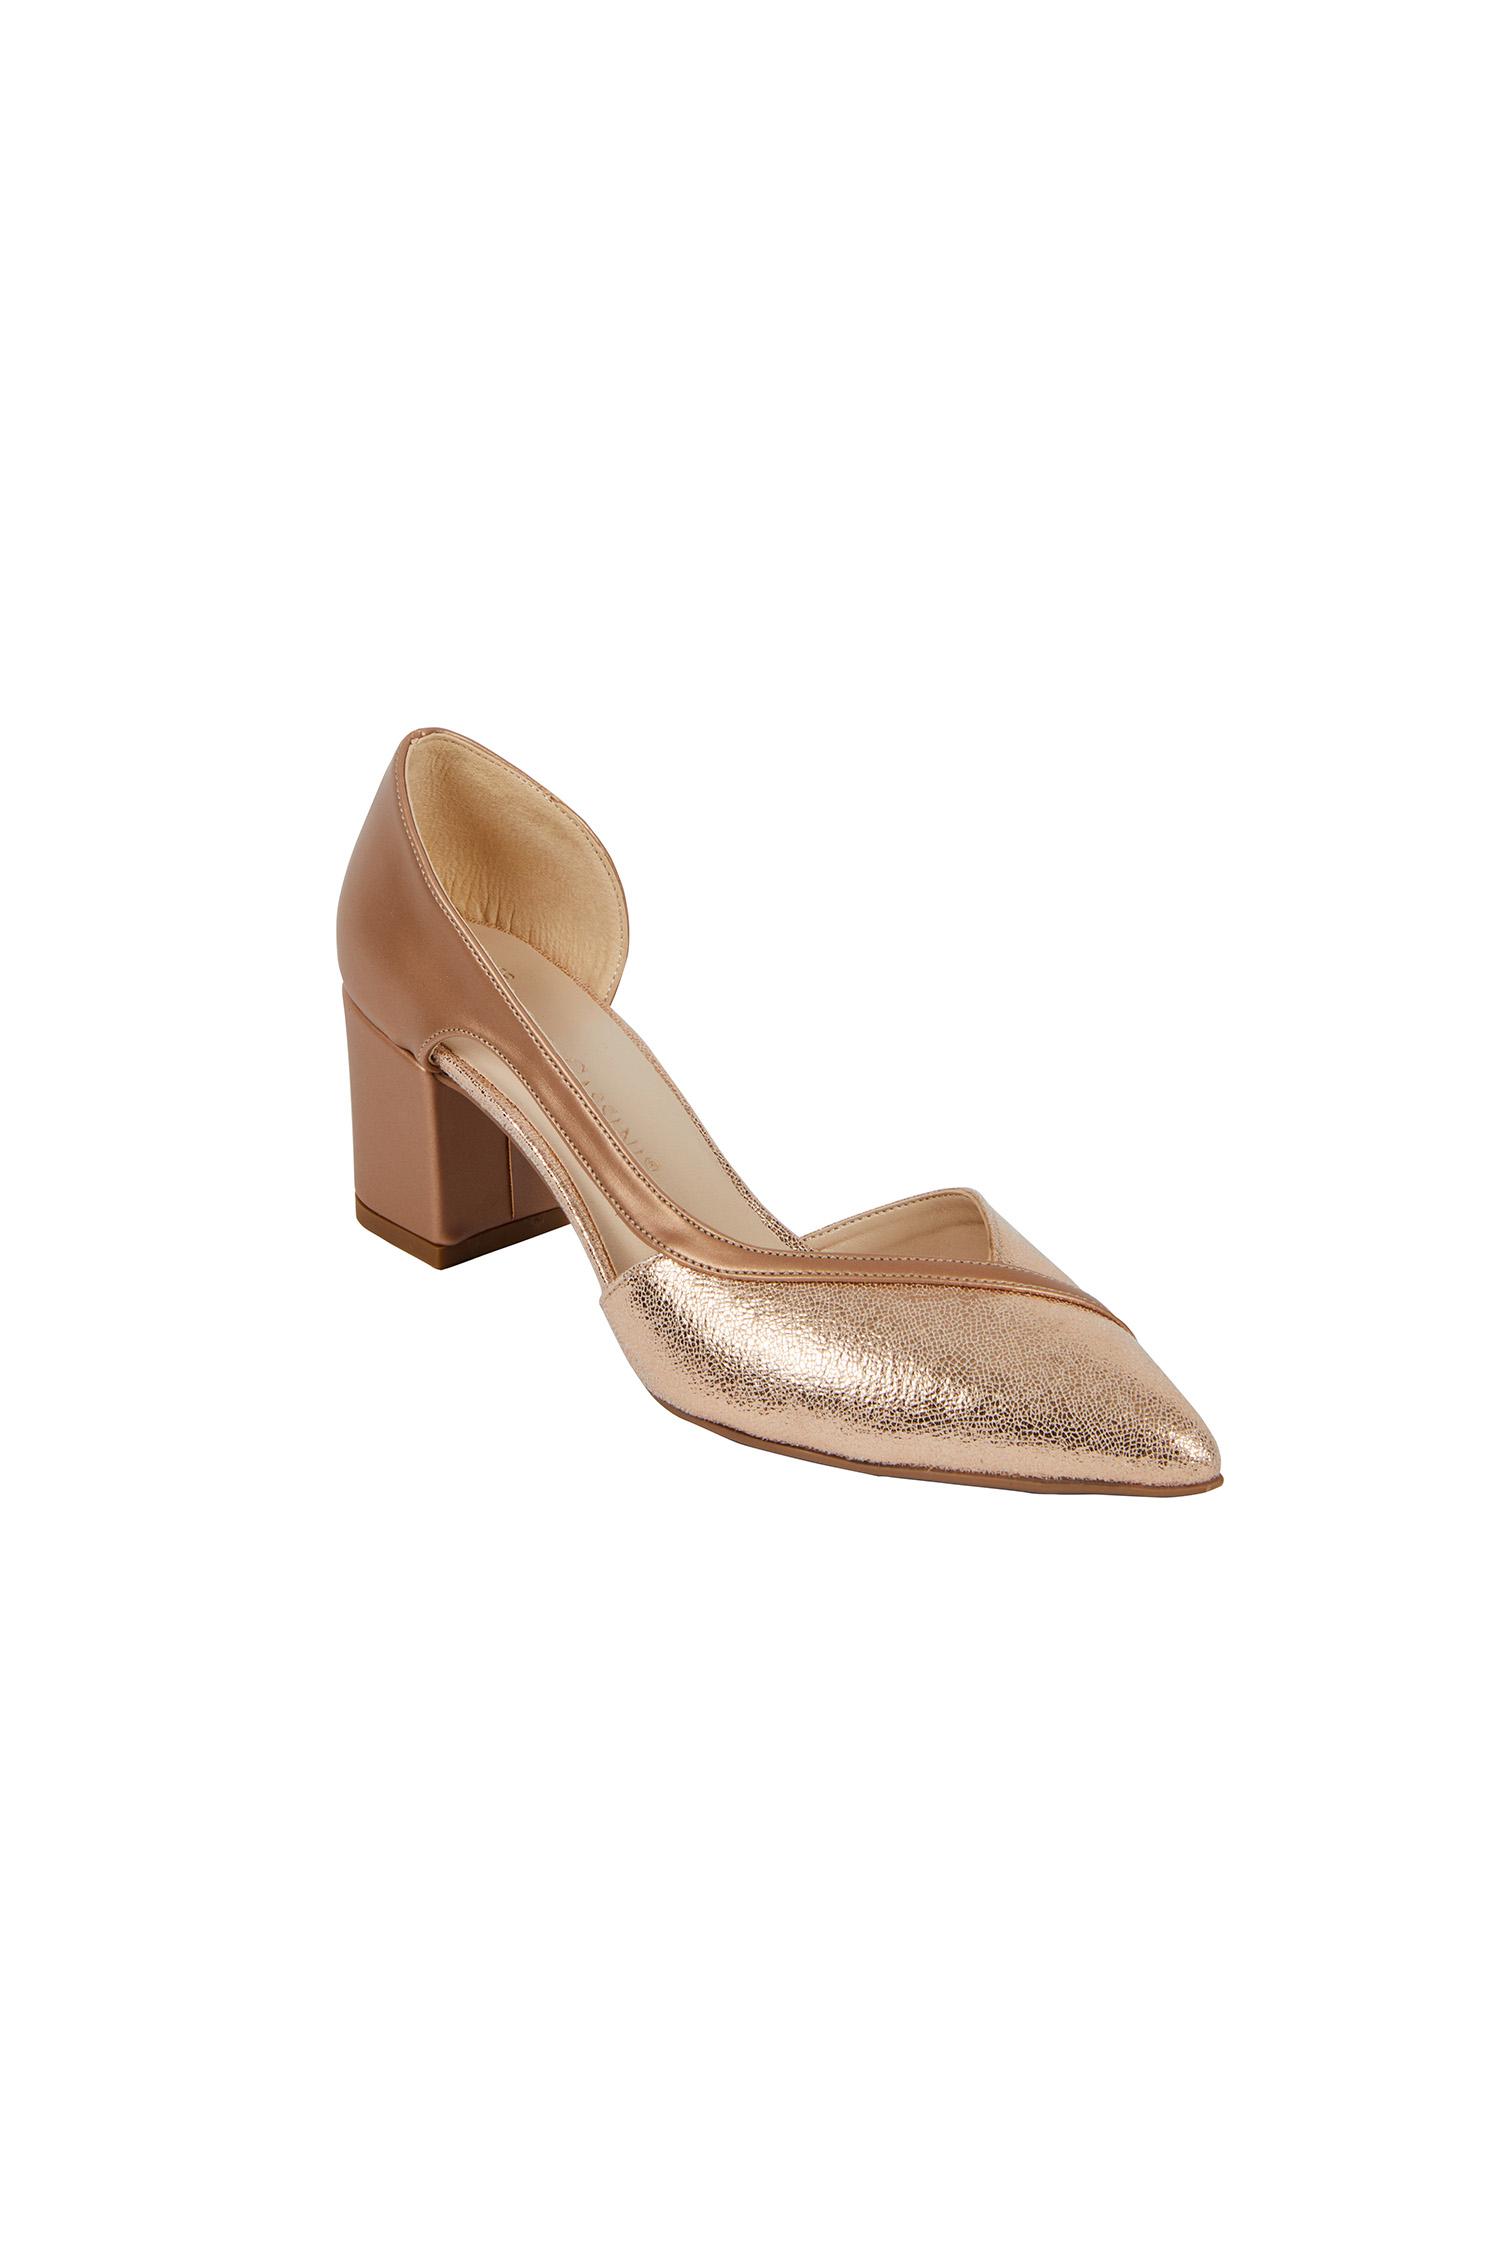 Pembe Altın Rengi Topuklu Abiye Ayakkabı